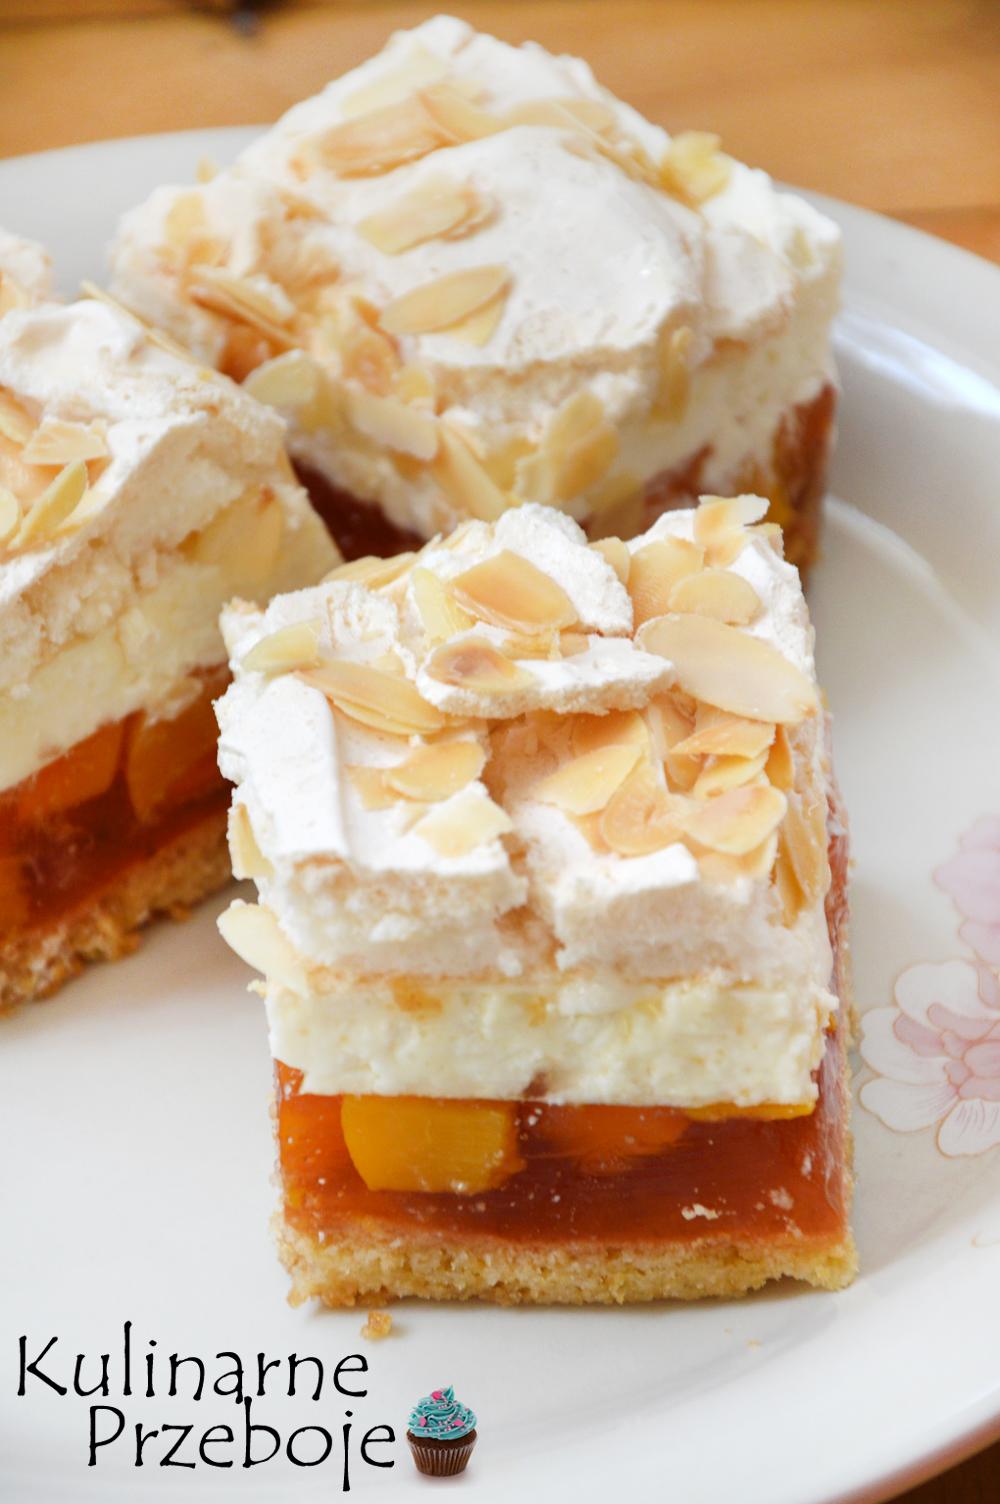 Kawałki delikatnego ciasta brzoskwiniowa chmurka